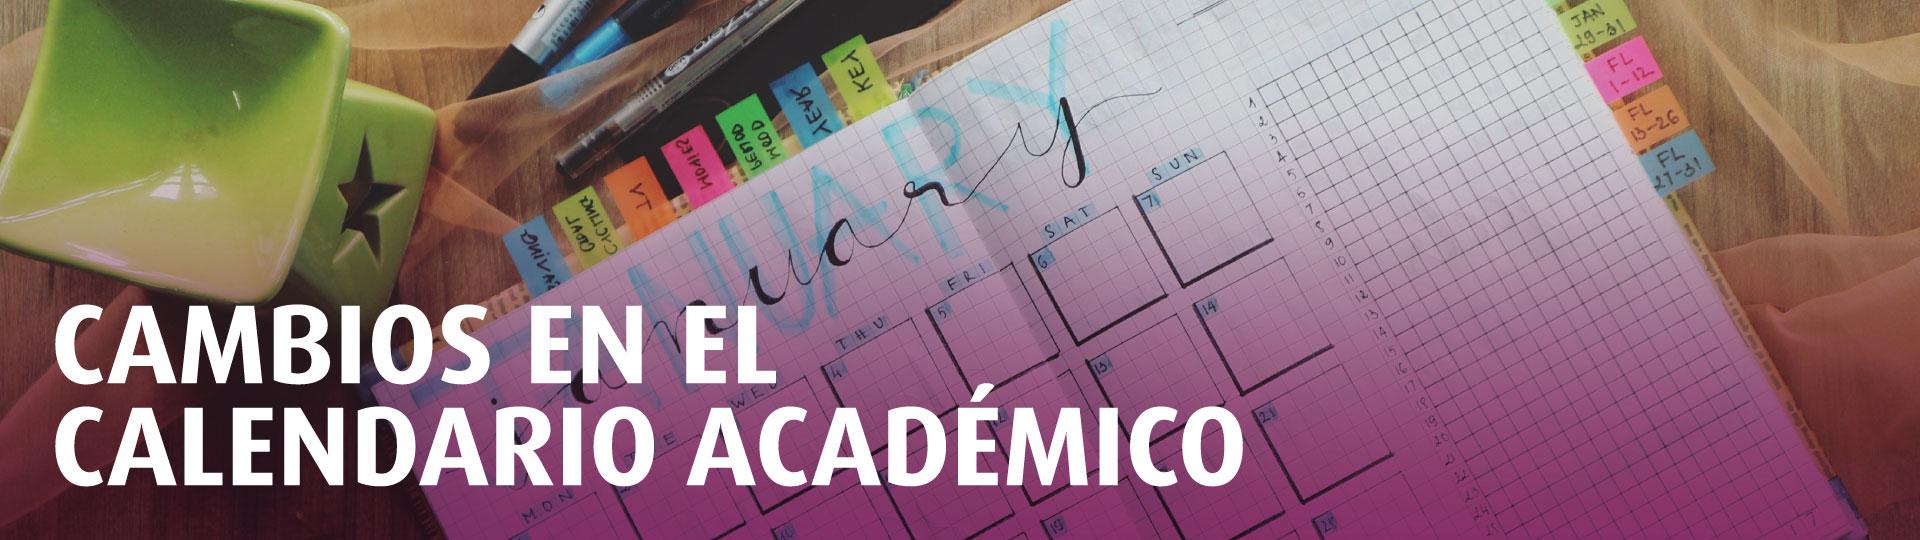 Cambios en el calendario académico